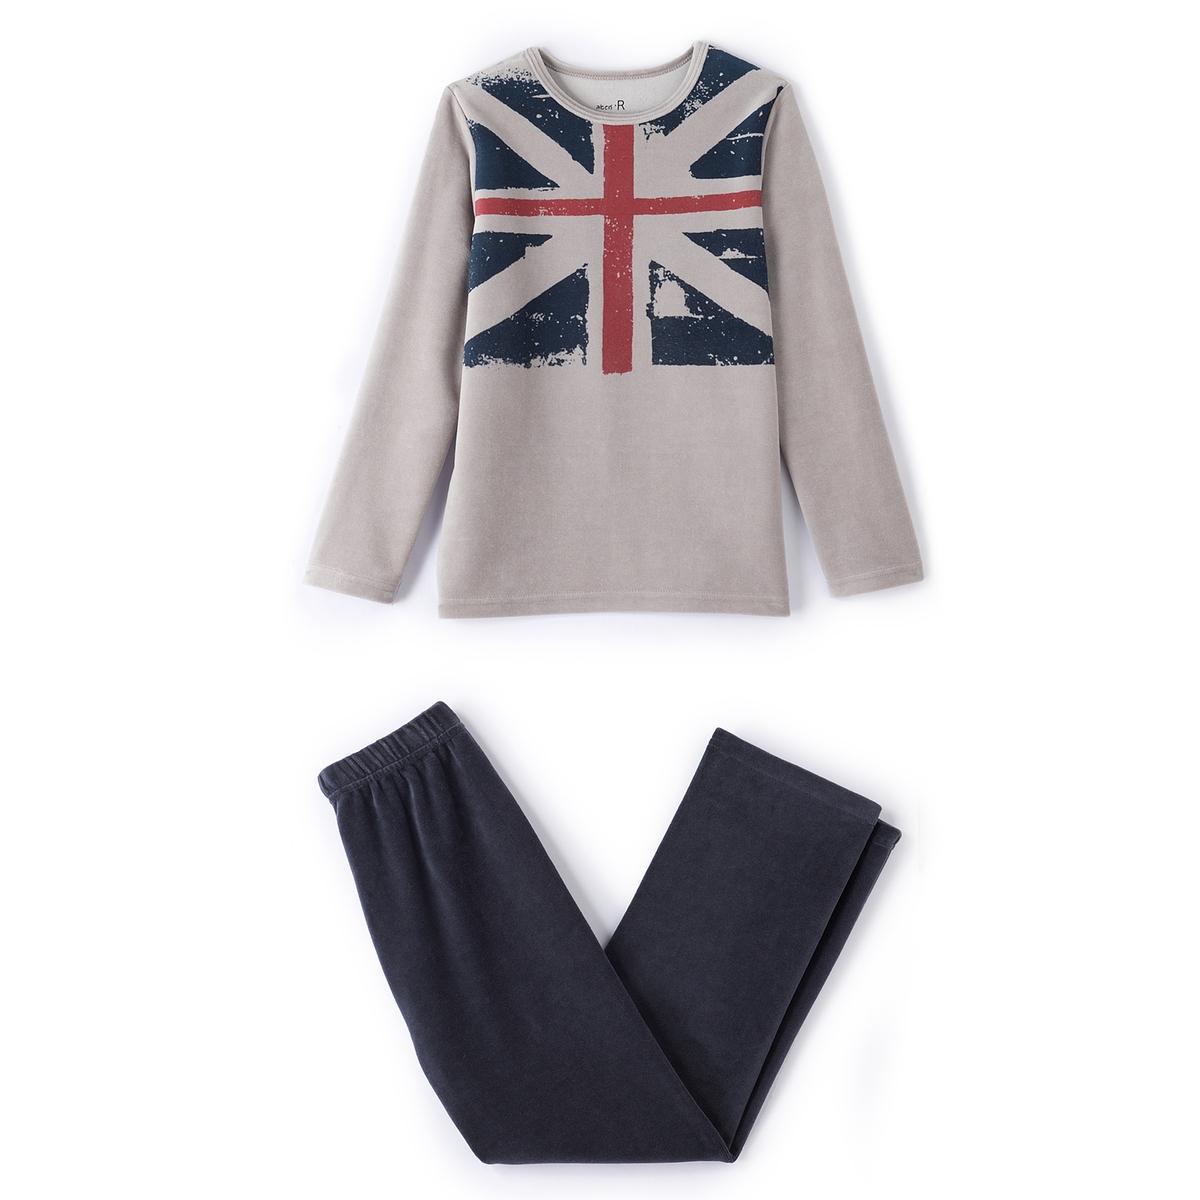 Пижама из велюра с принтом ''флаг'' 2-12 лет